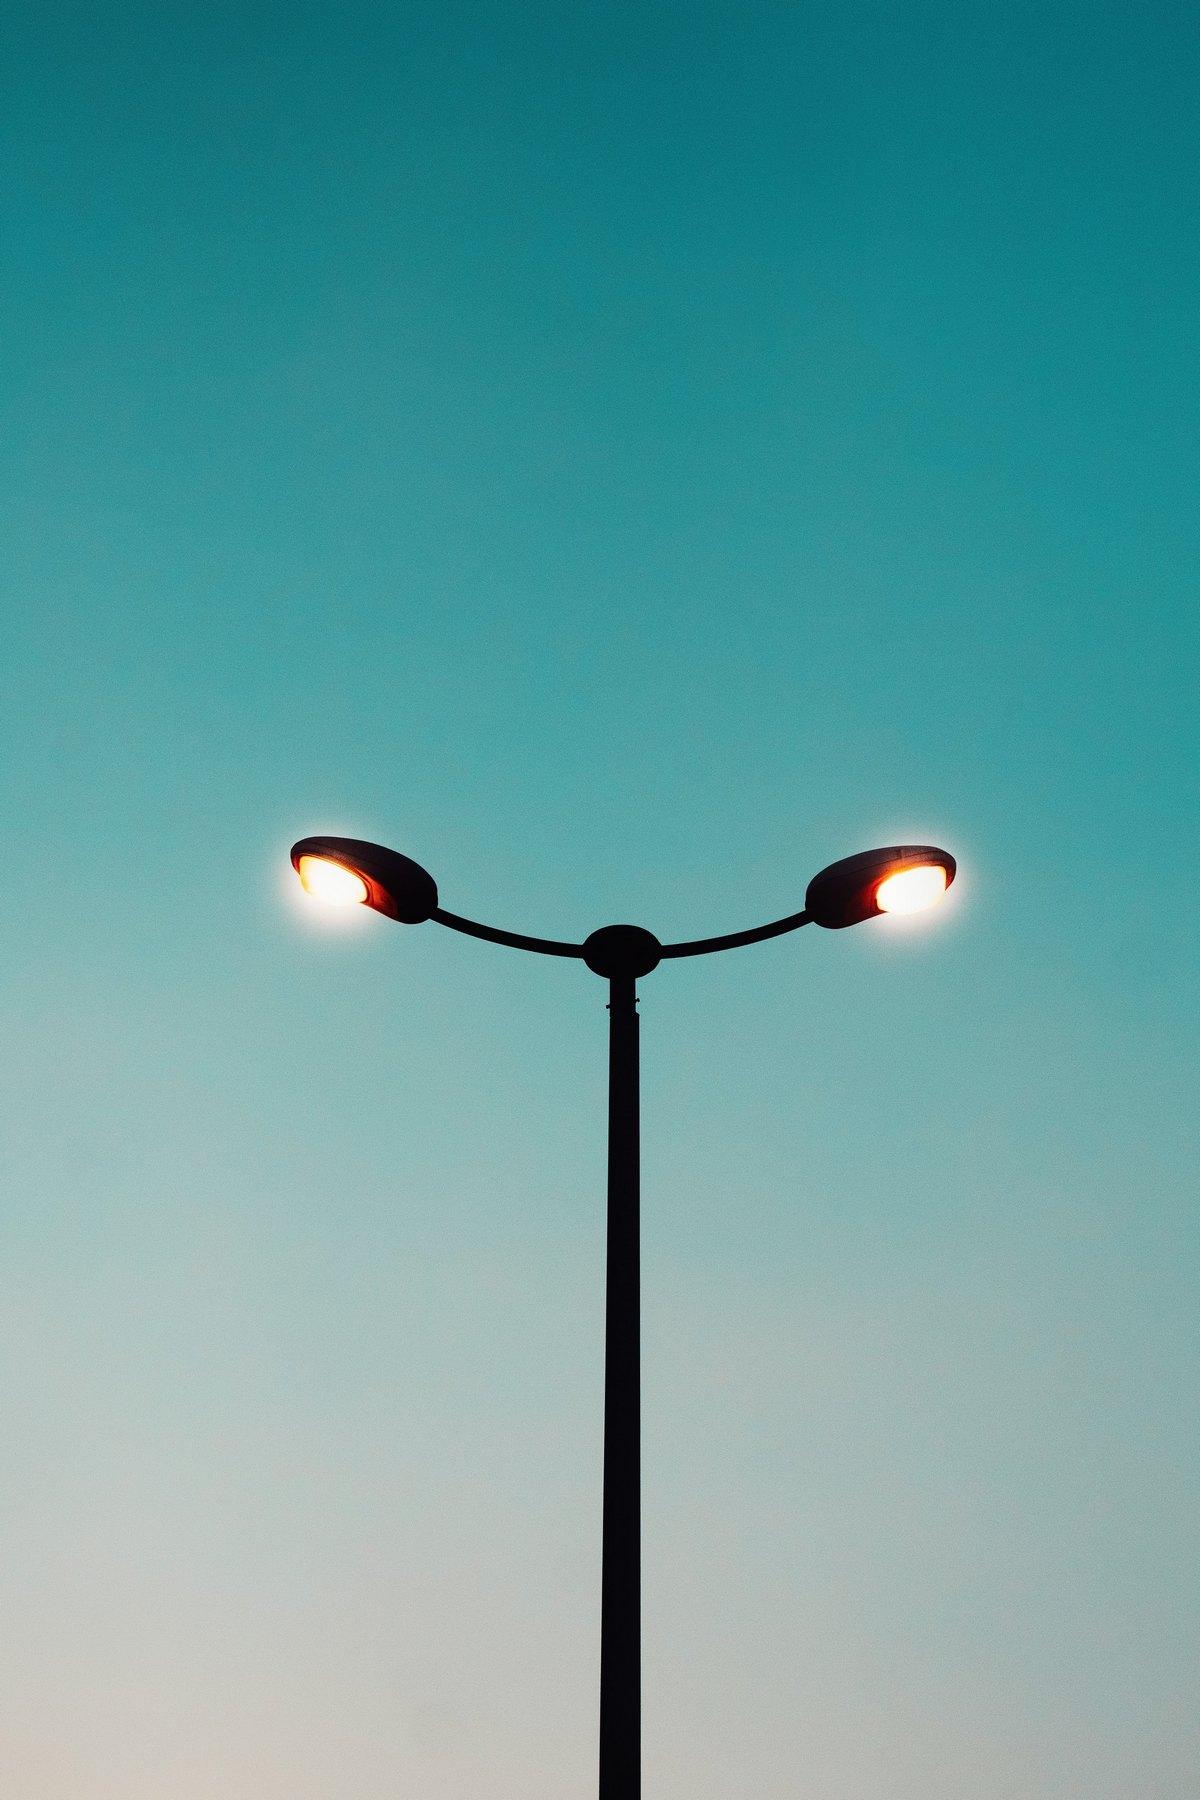 светильники led уличного освещения